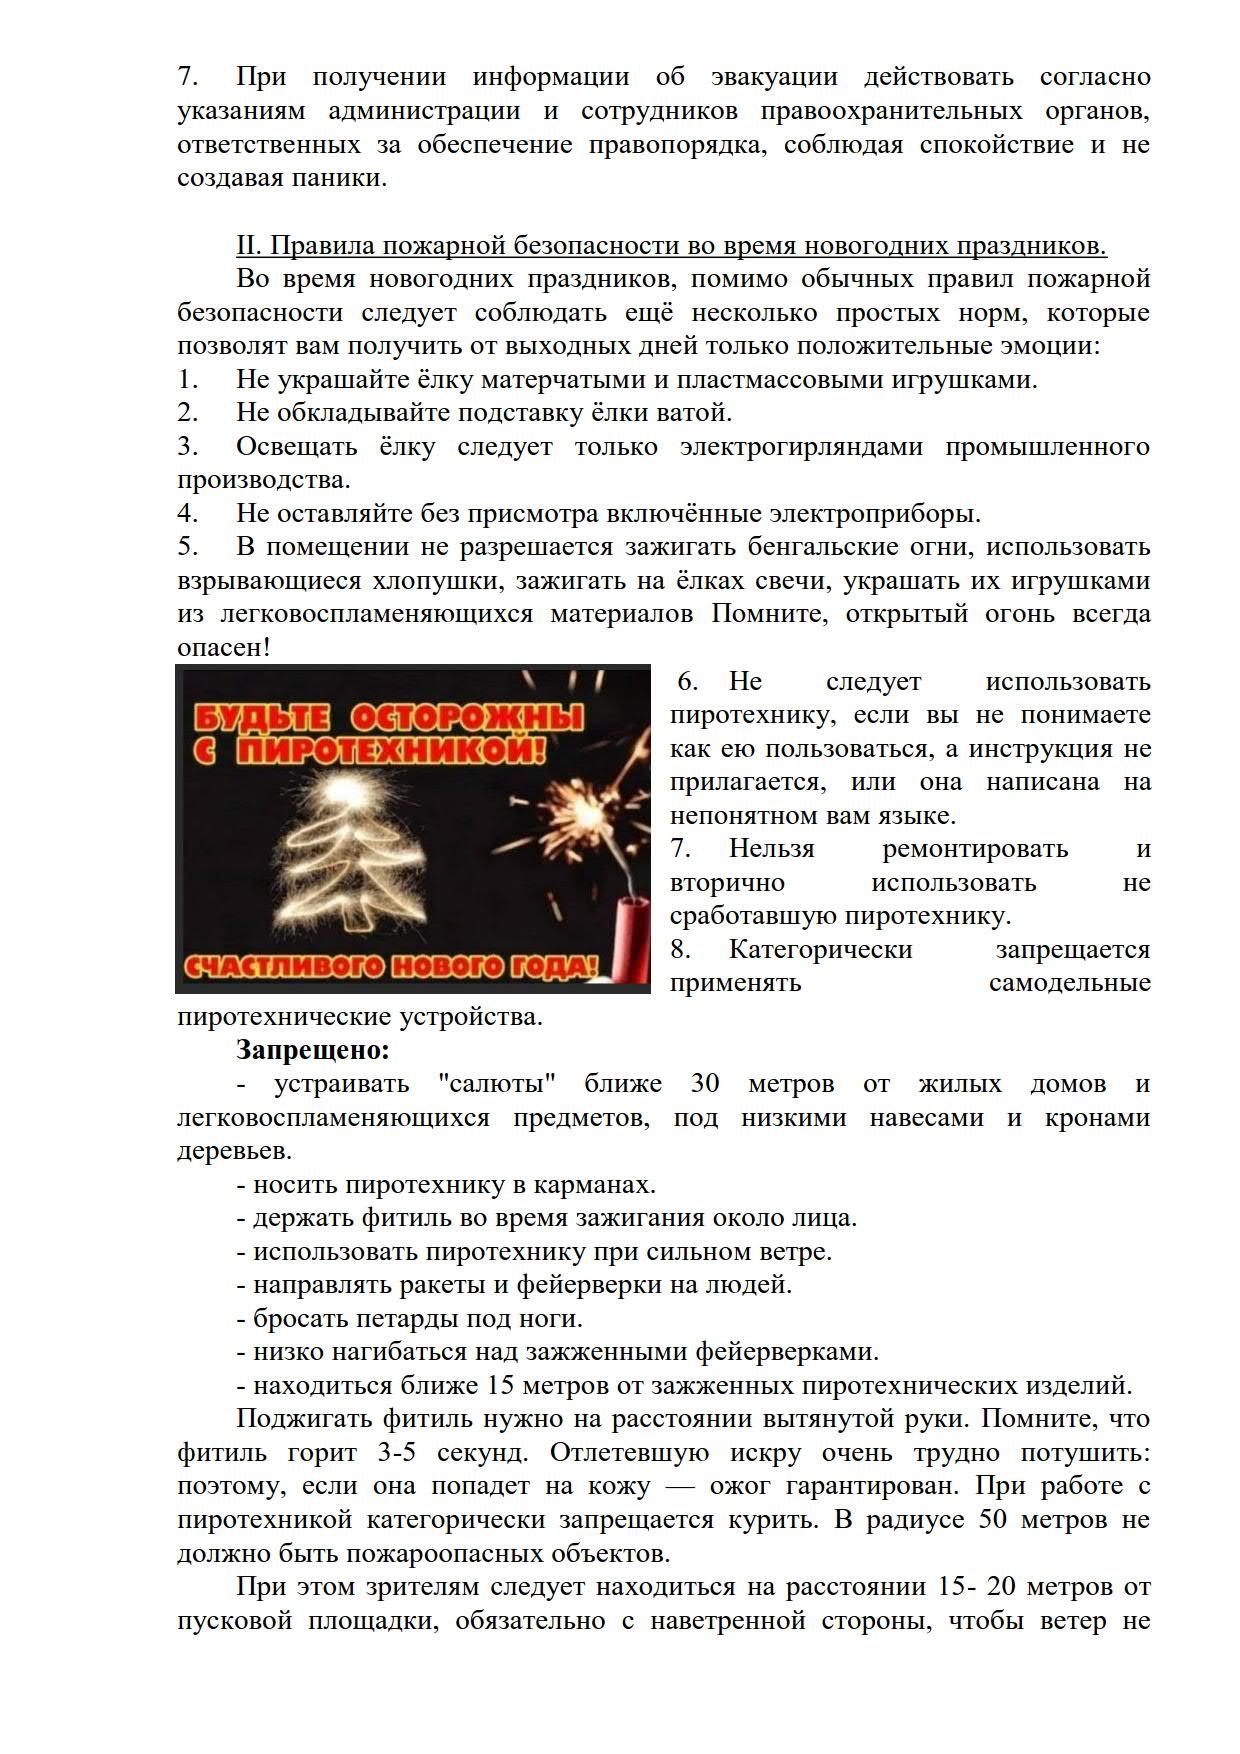 Правила безопасности в период Нового года и Рождества_2